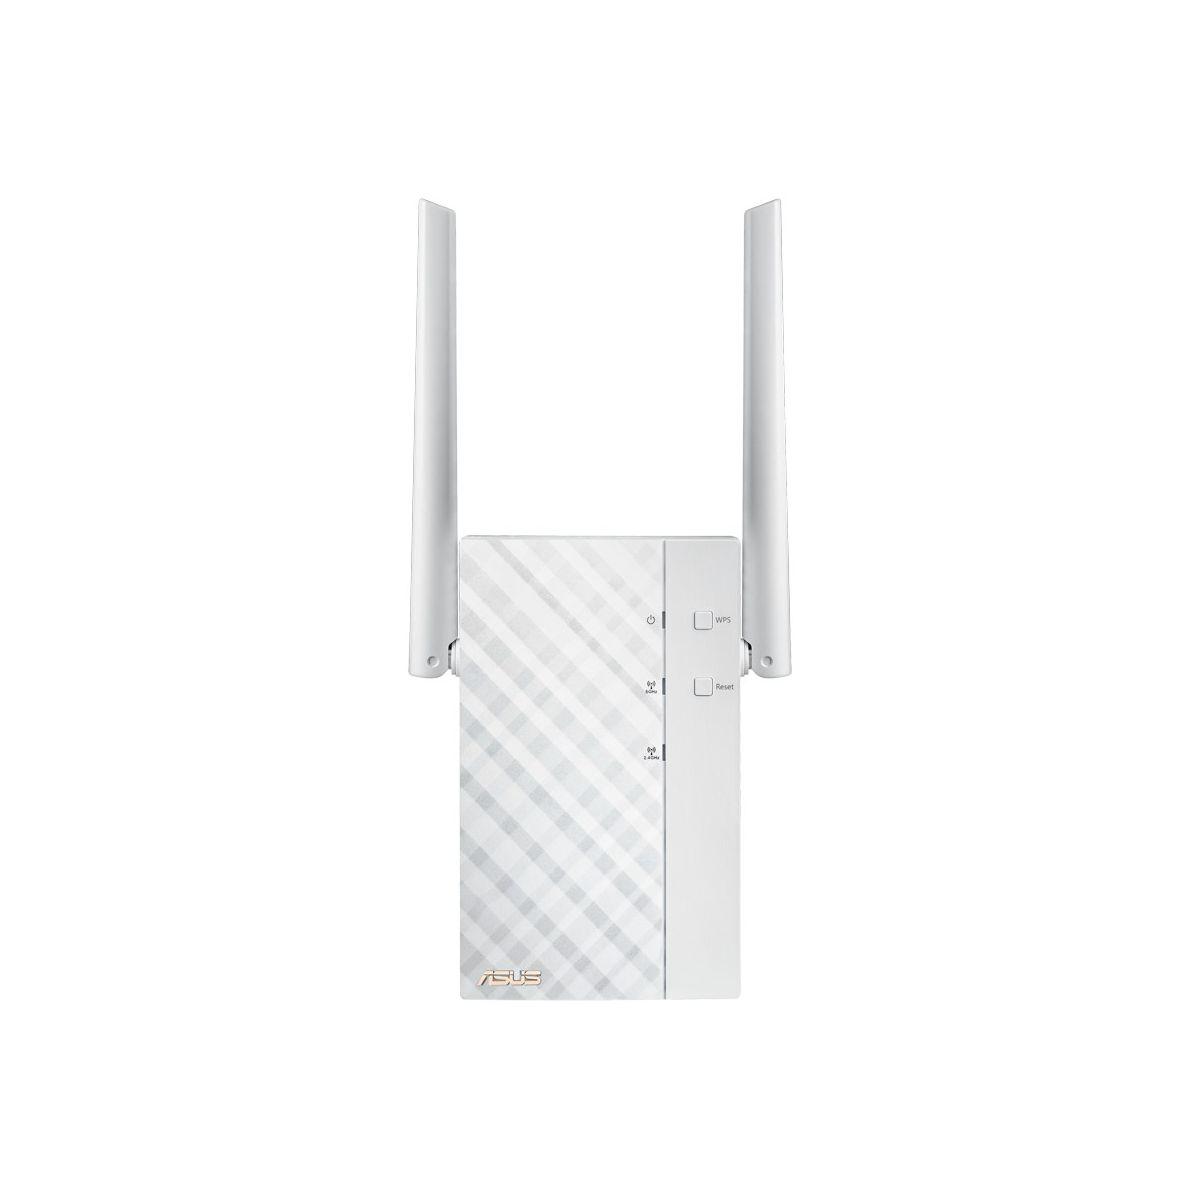 Répéteur Wifi ASUS Double bande AC1200